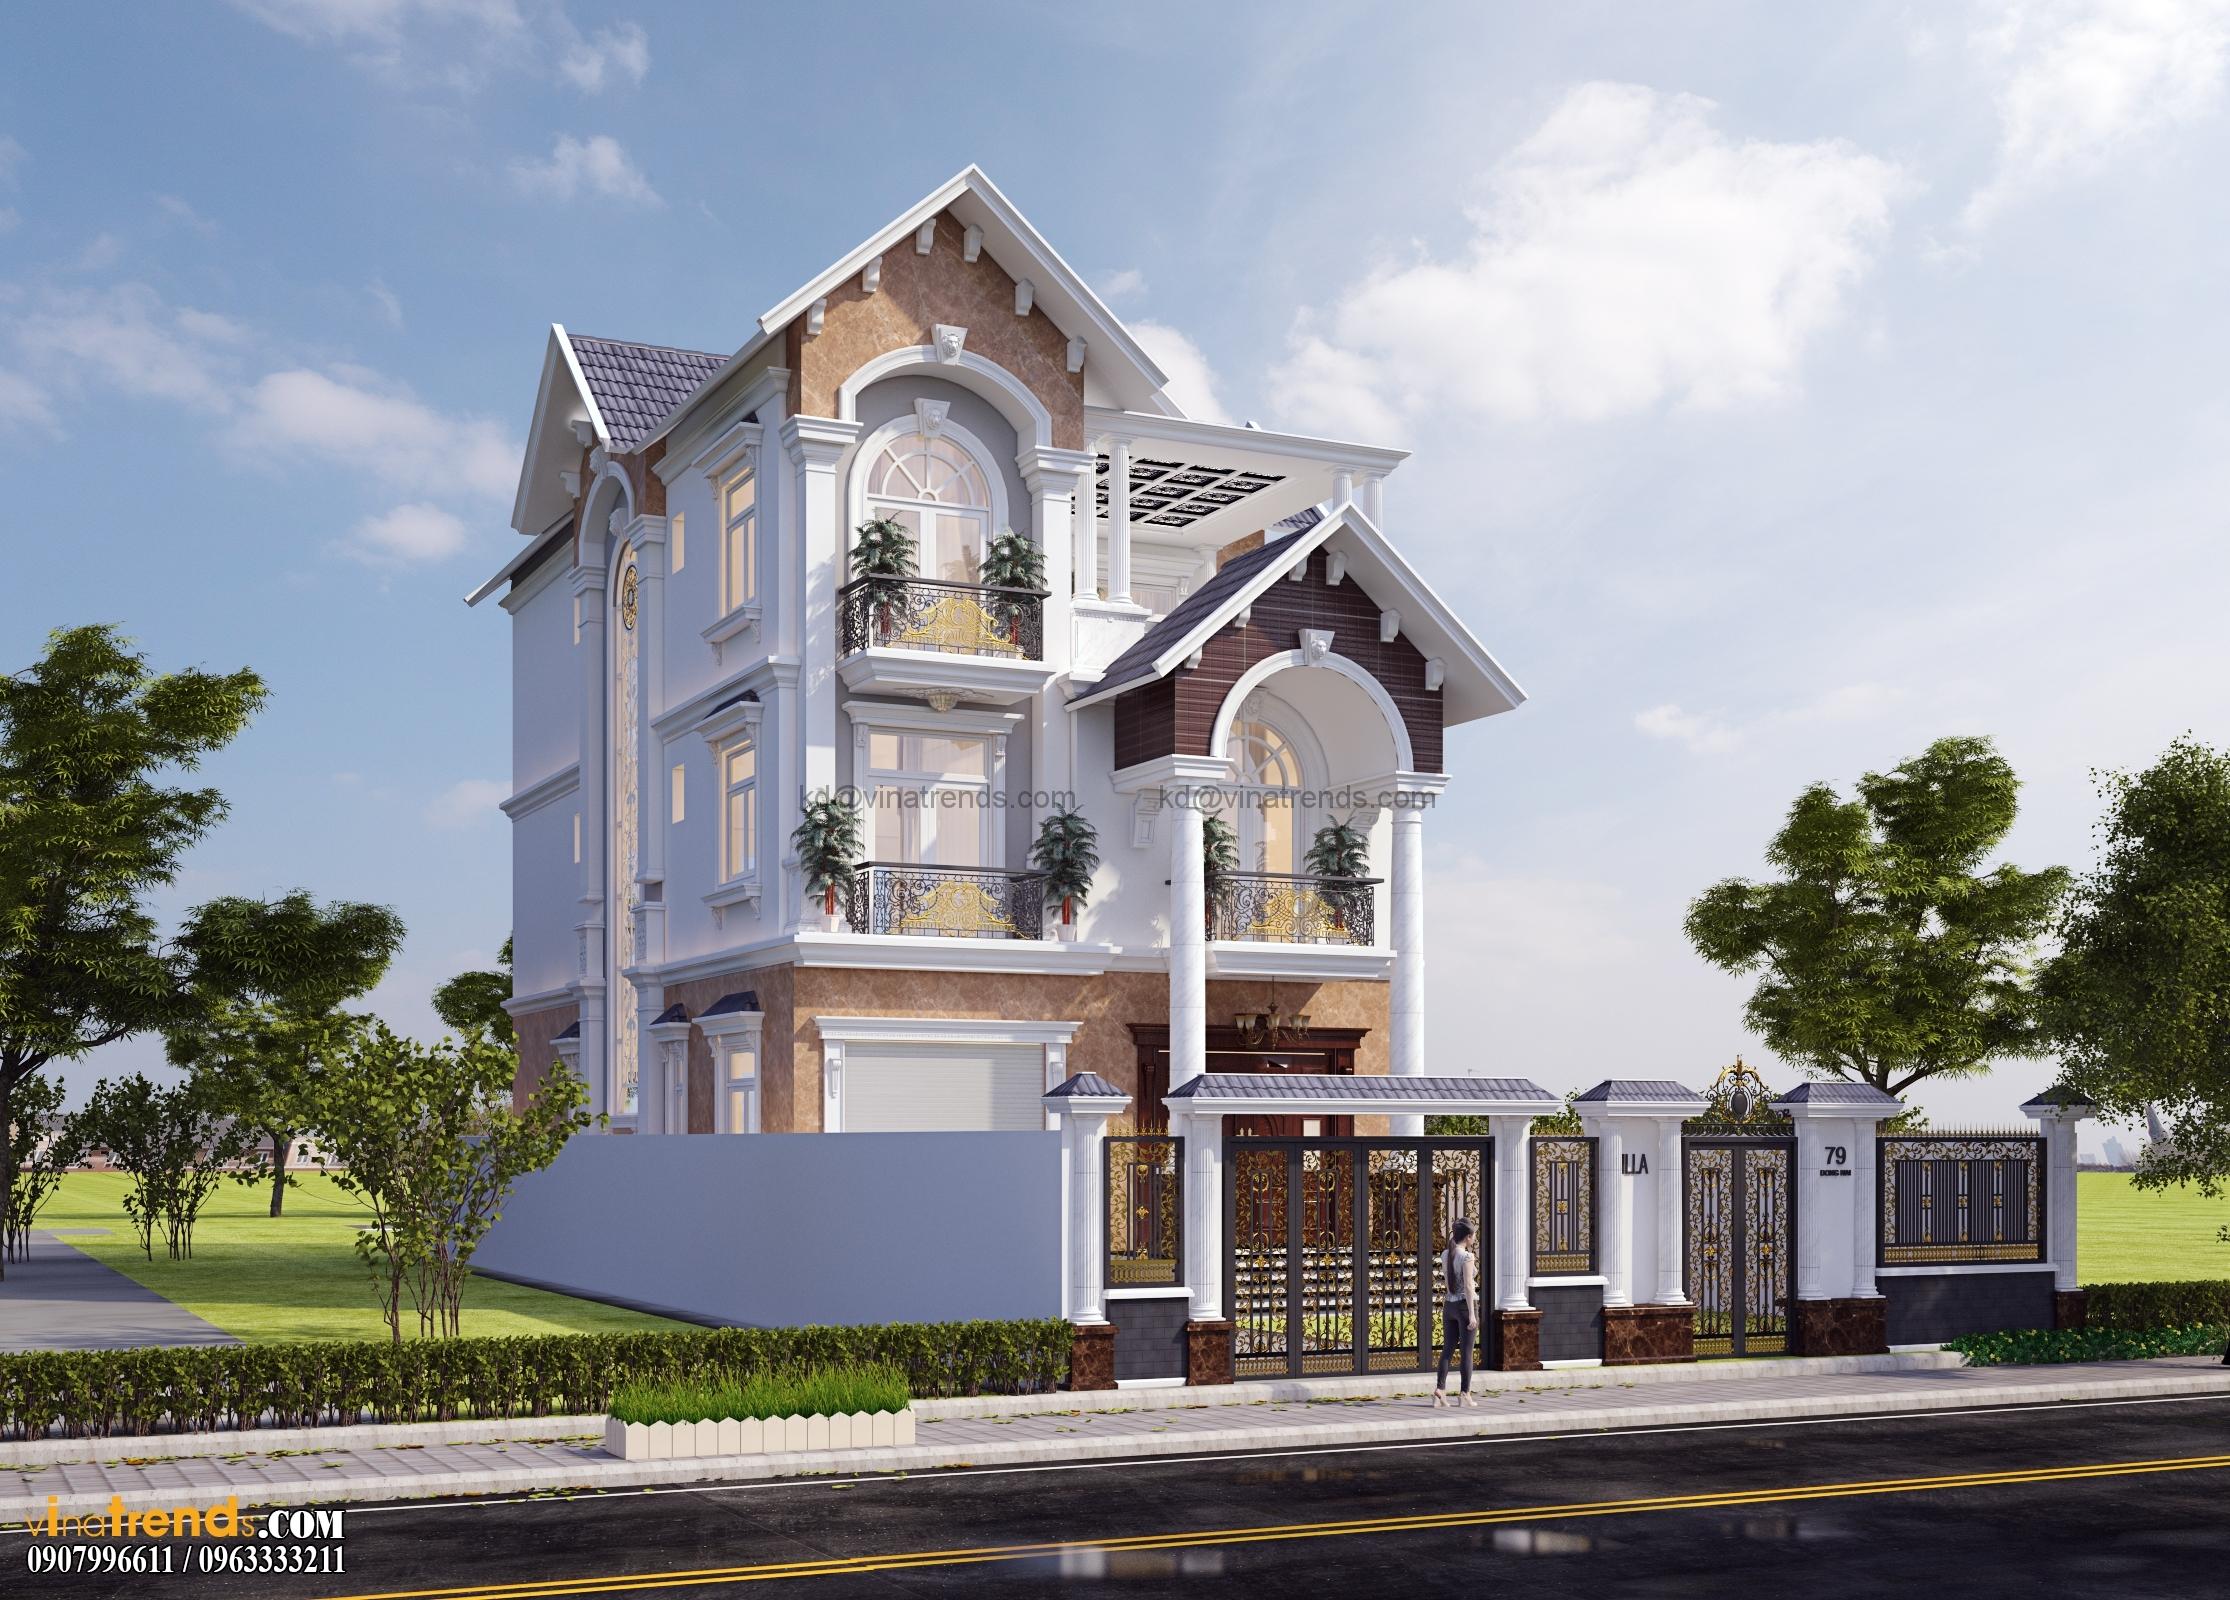 biet thu co dien dep nhat 3 tang 554m2 4 Thiết kế biệt thự vườn 360m2 3 tầng tân cổ điển mới lạ BTV270814A